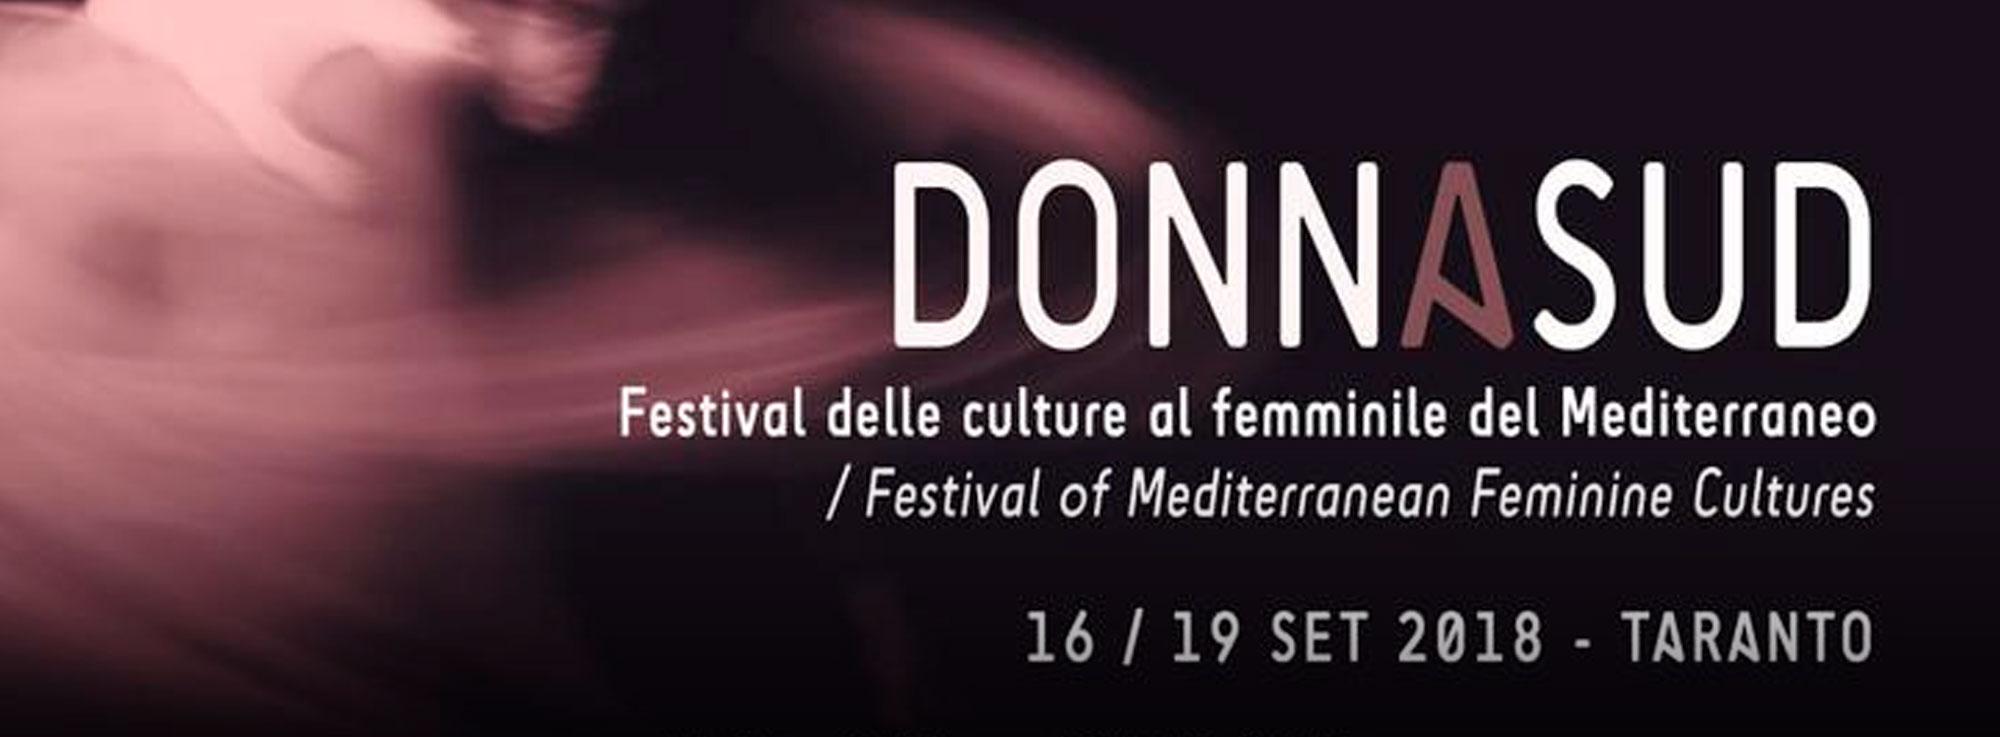 Taranto: Festival delle culture al Femminile del Mediterraneo